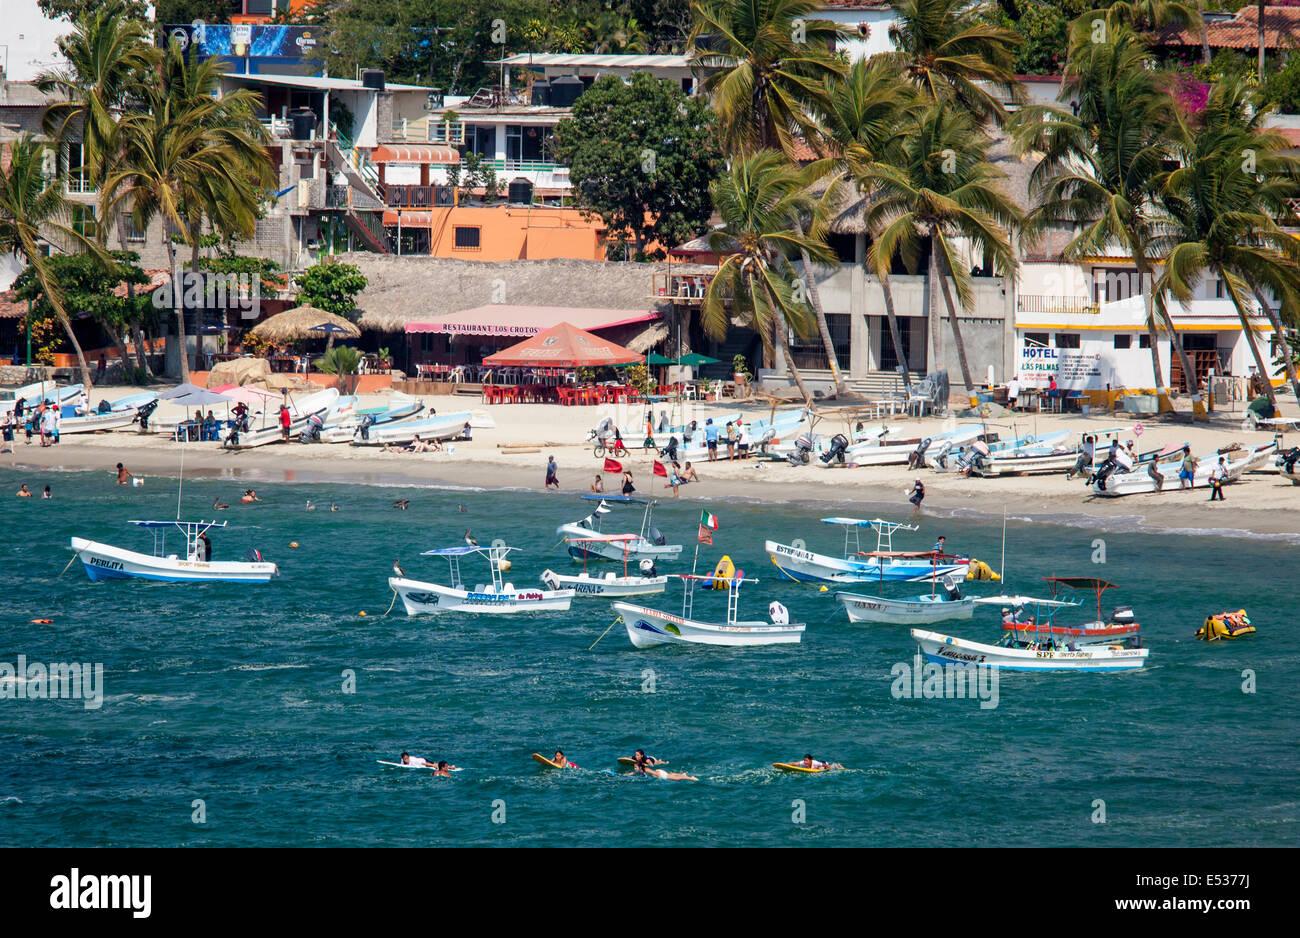 Puerto escondido imgenes de stock puerto escondido fotos de stock la playa principal de puerto escondido oaxaca forrado con botes de pesca mxico thecheapjerseys Gallery